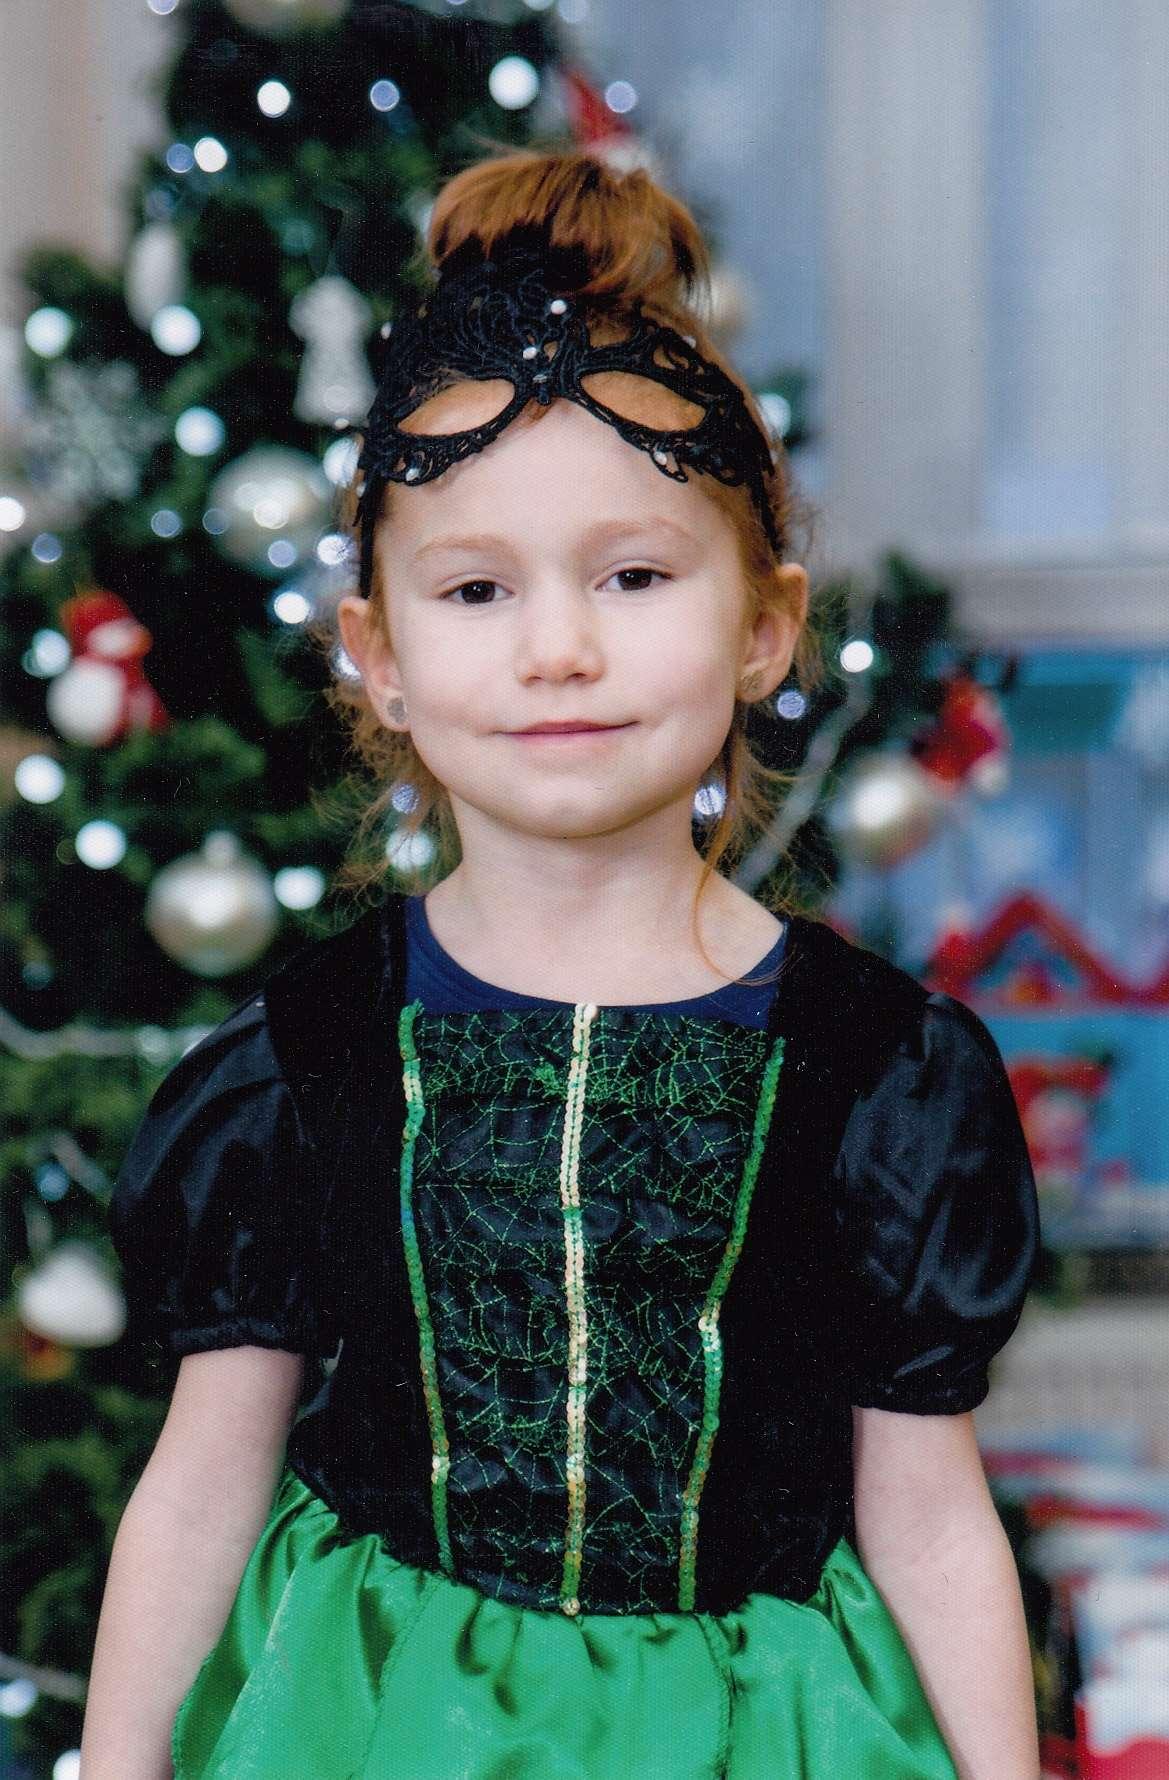 Zofia Walusiak